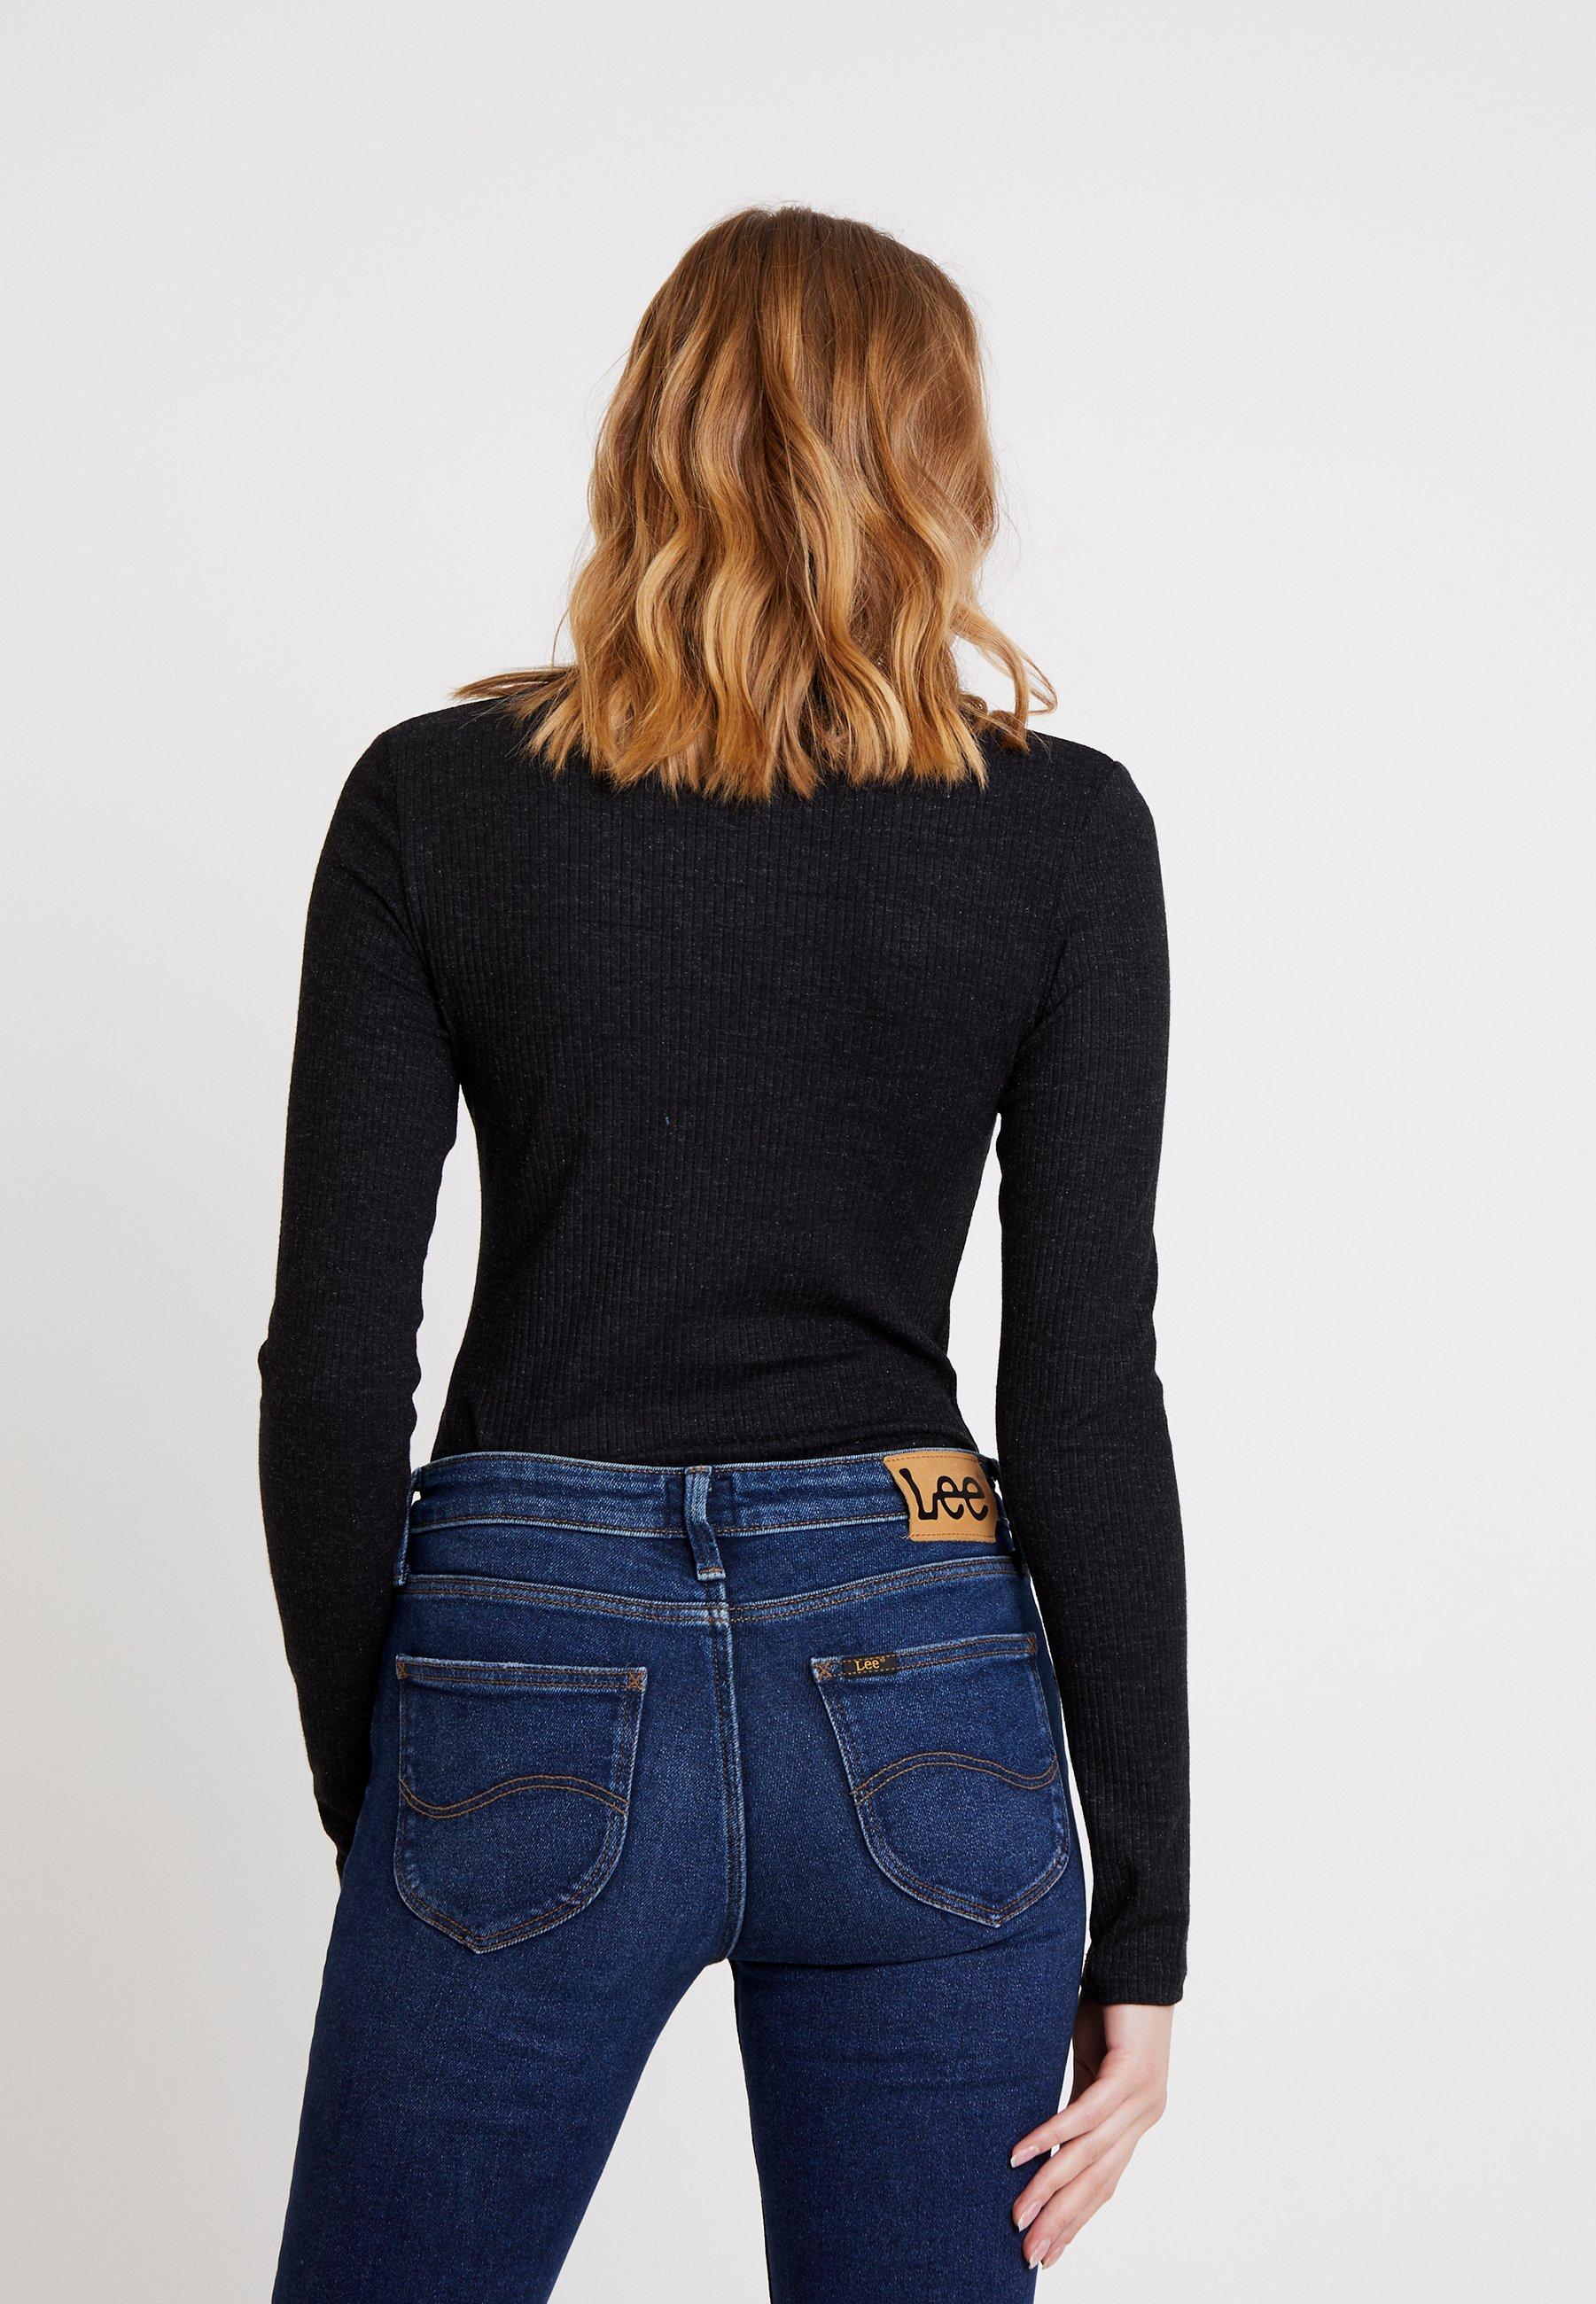 Lee V NECK OPTIX - T-shirt à manches longues black